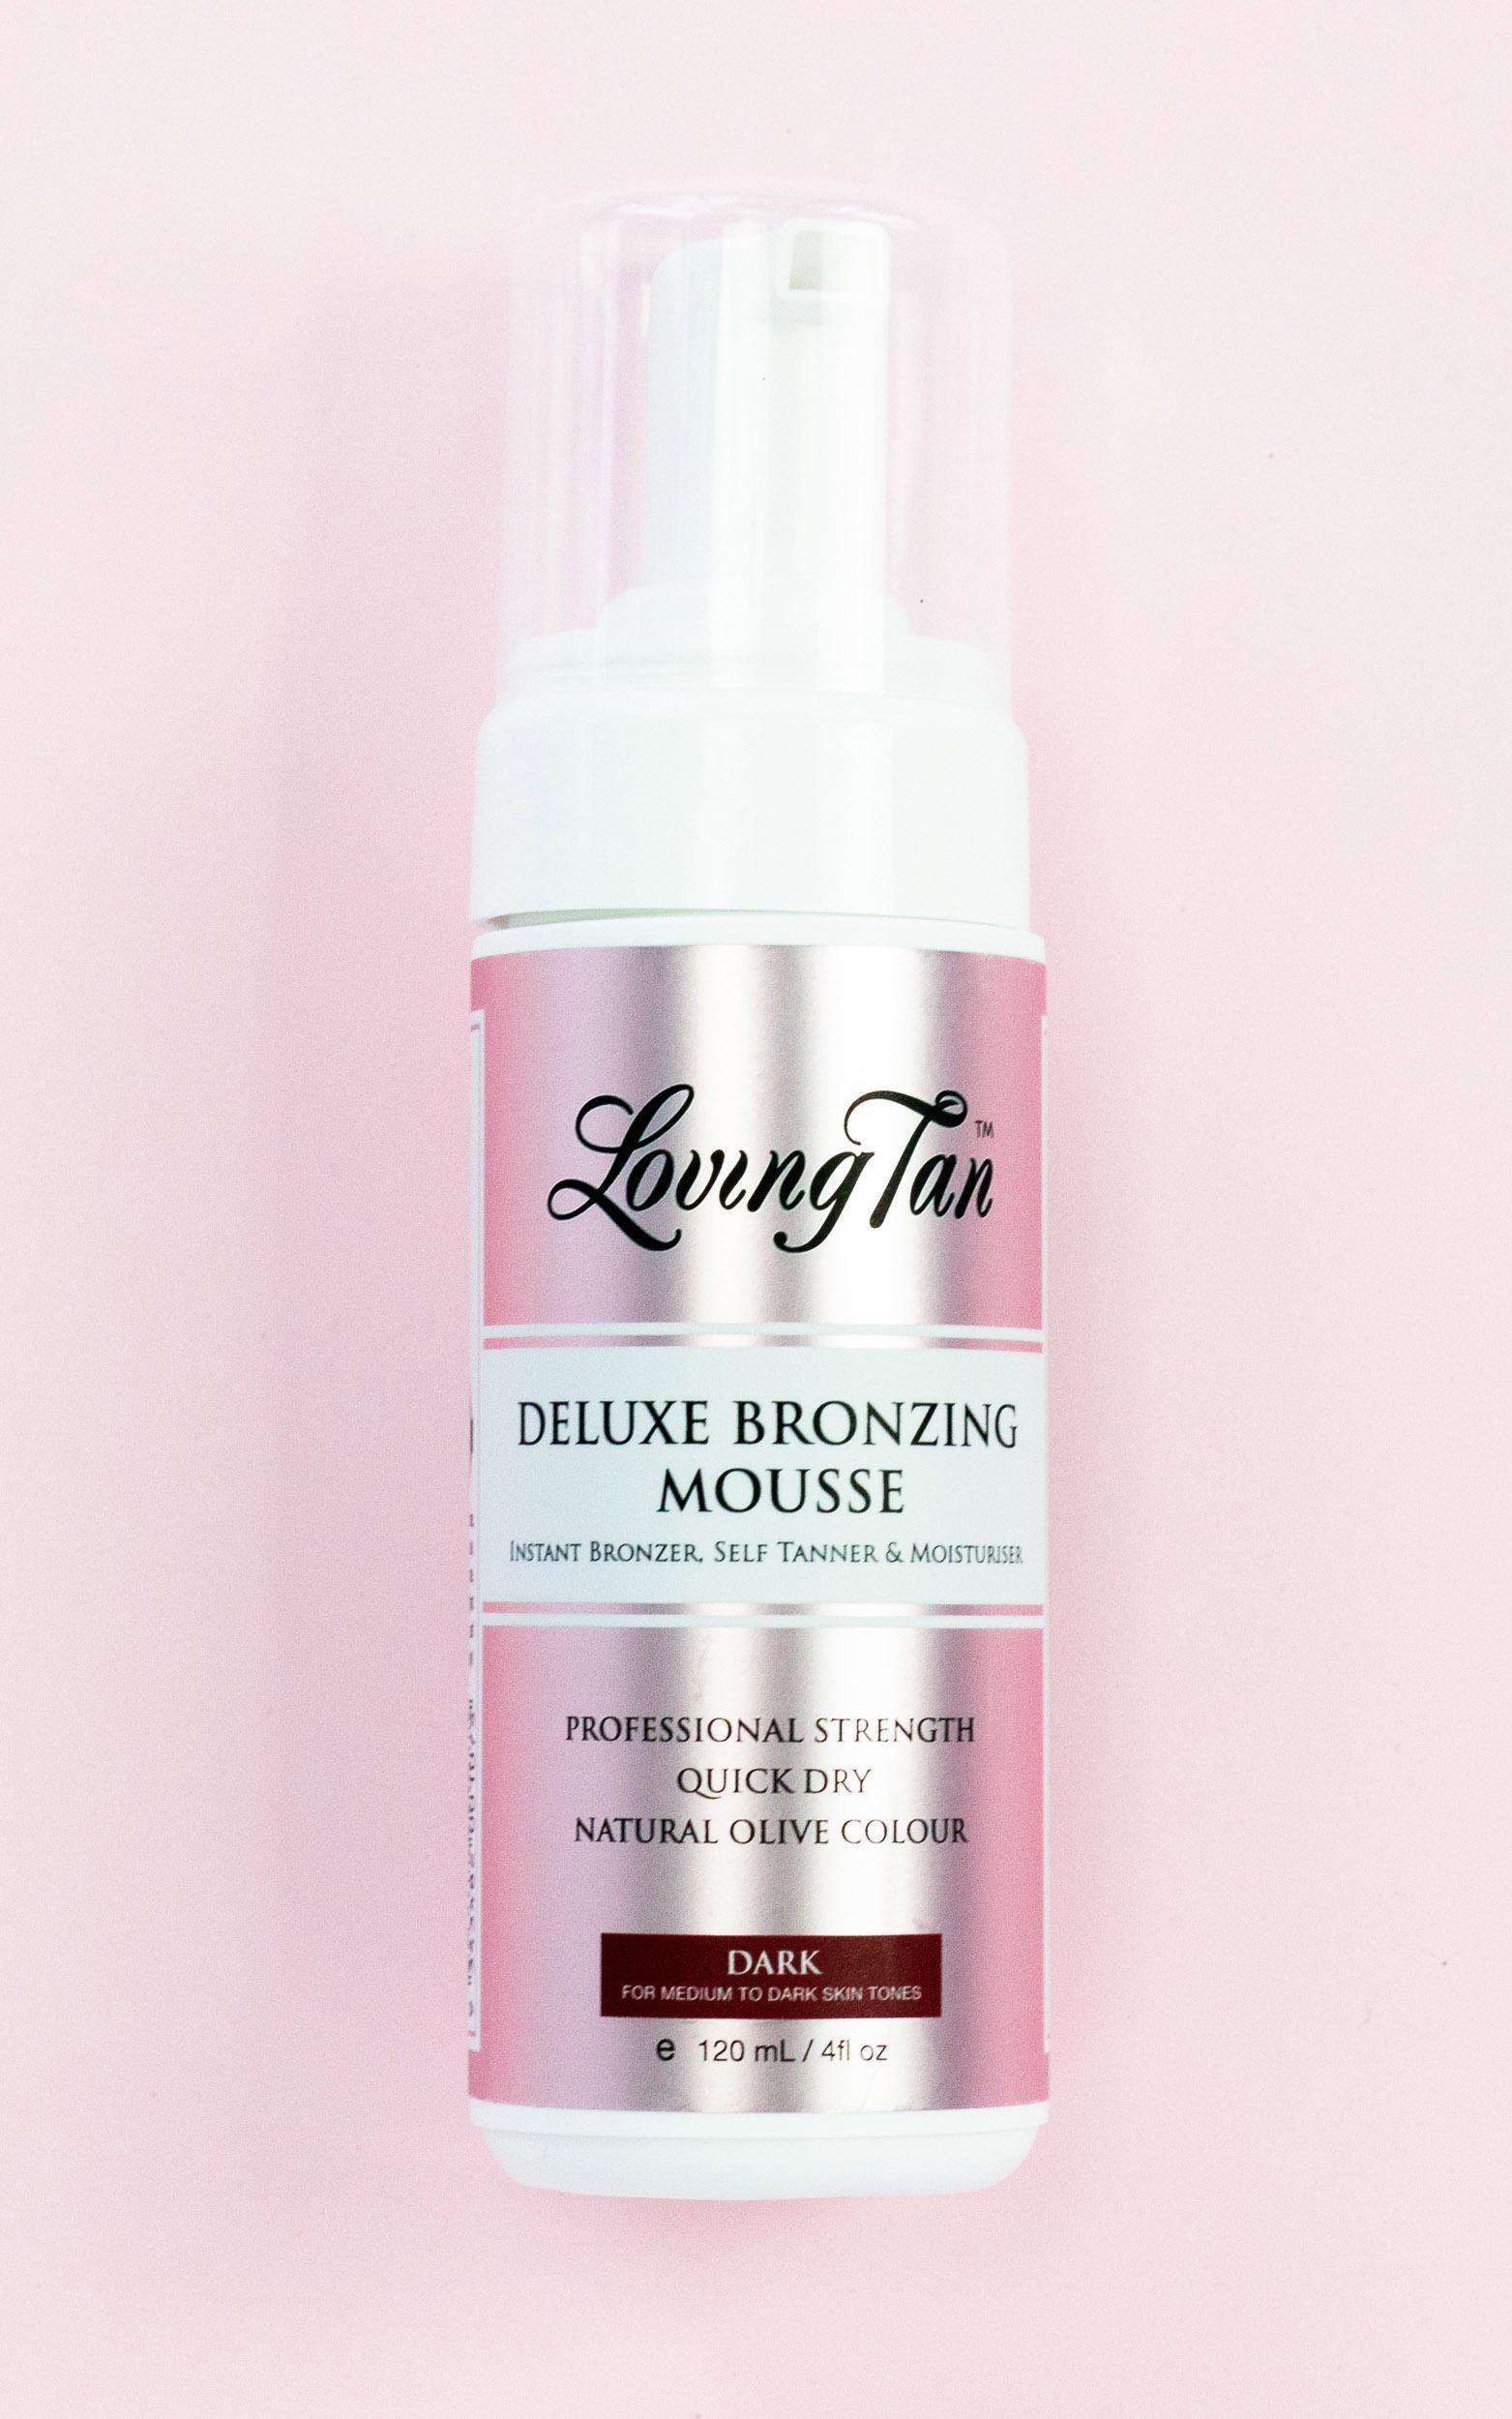 Loving Tan - Deluxe Bronzing Mousse in Dark 120ml, BRN1, hi-res image number null